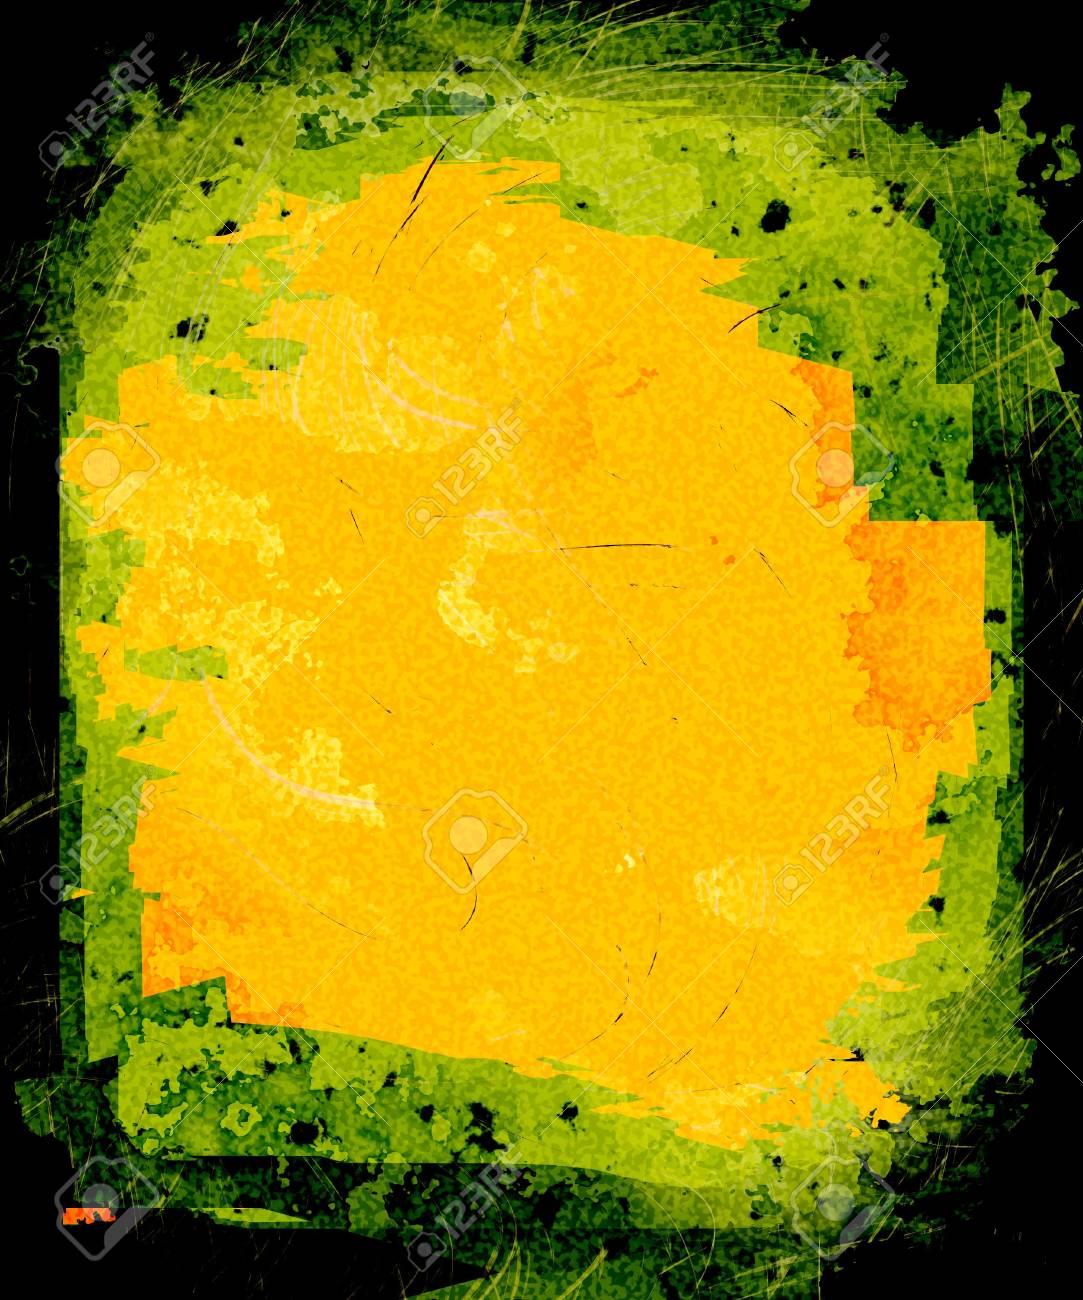 grunge background Stock Photo - 10869482